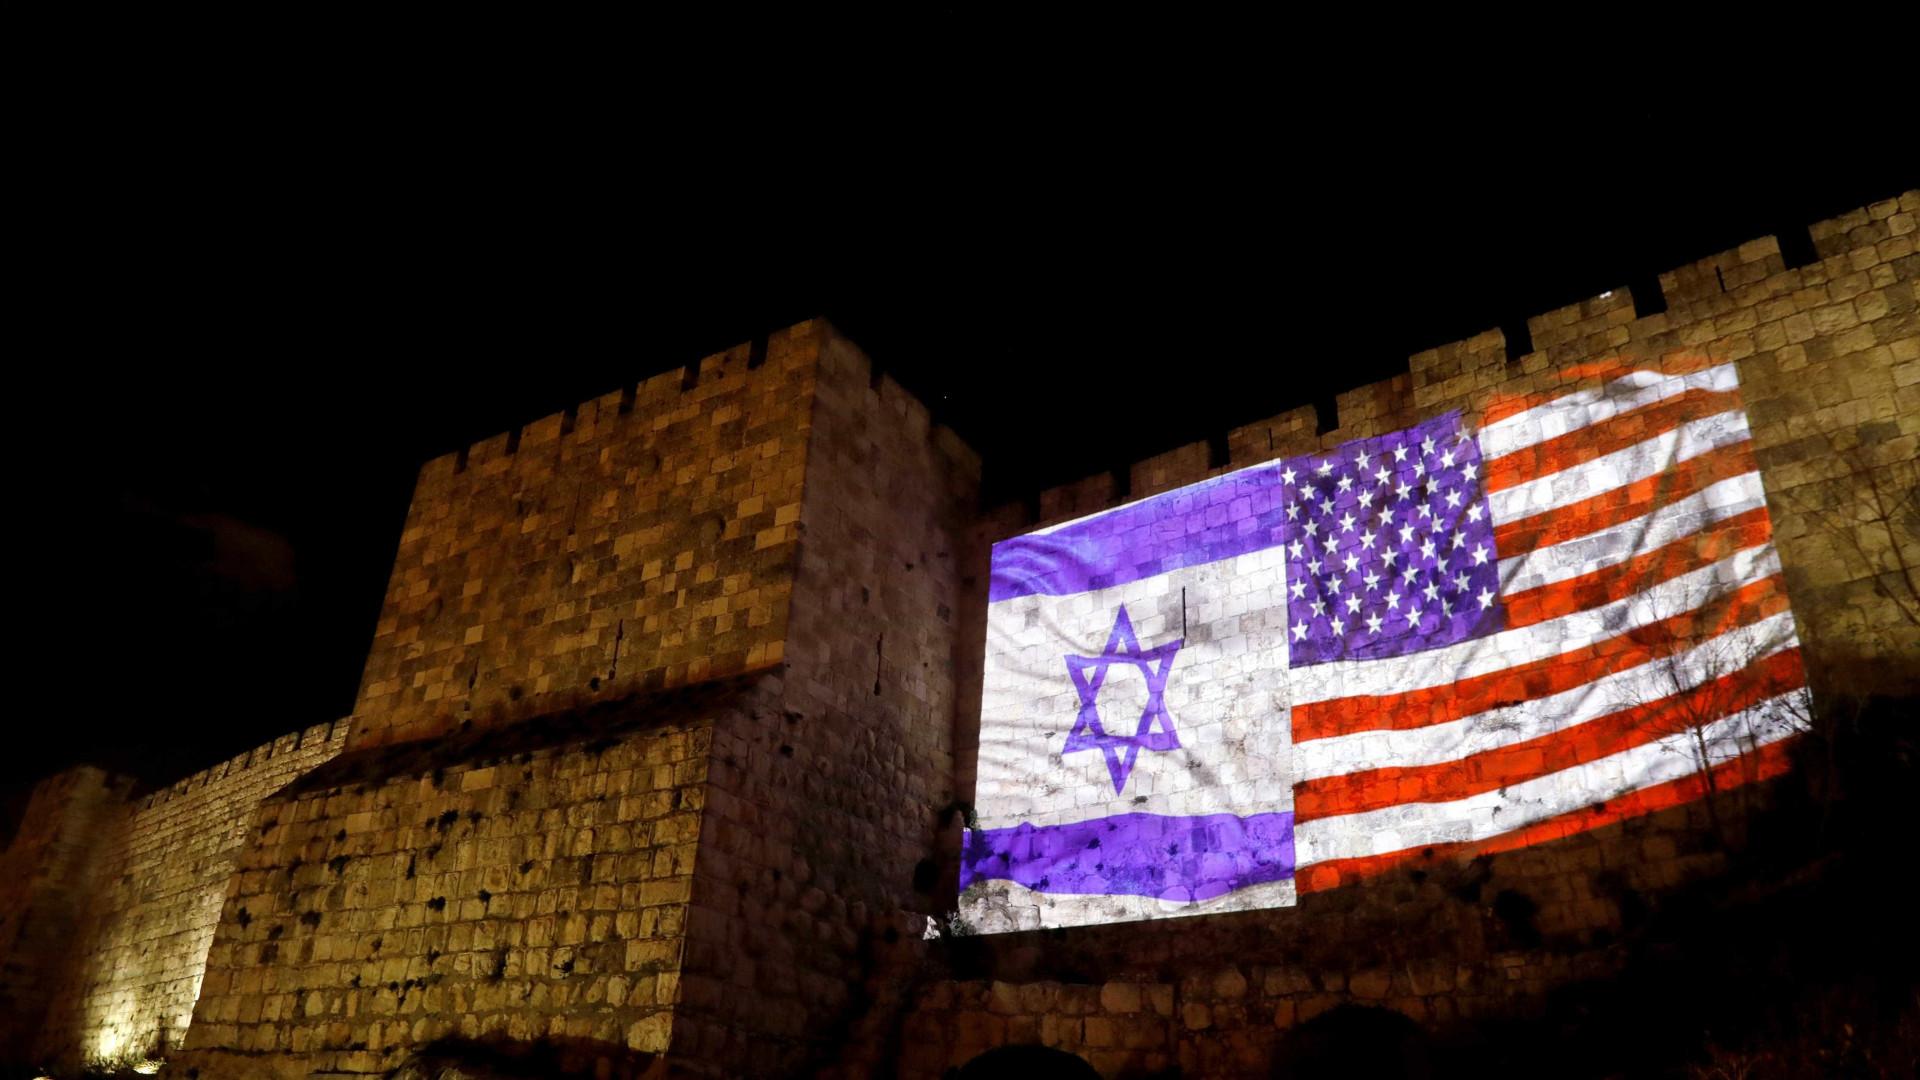 Entenda o impasse sobre Jerusalém, Israel e EUA